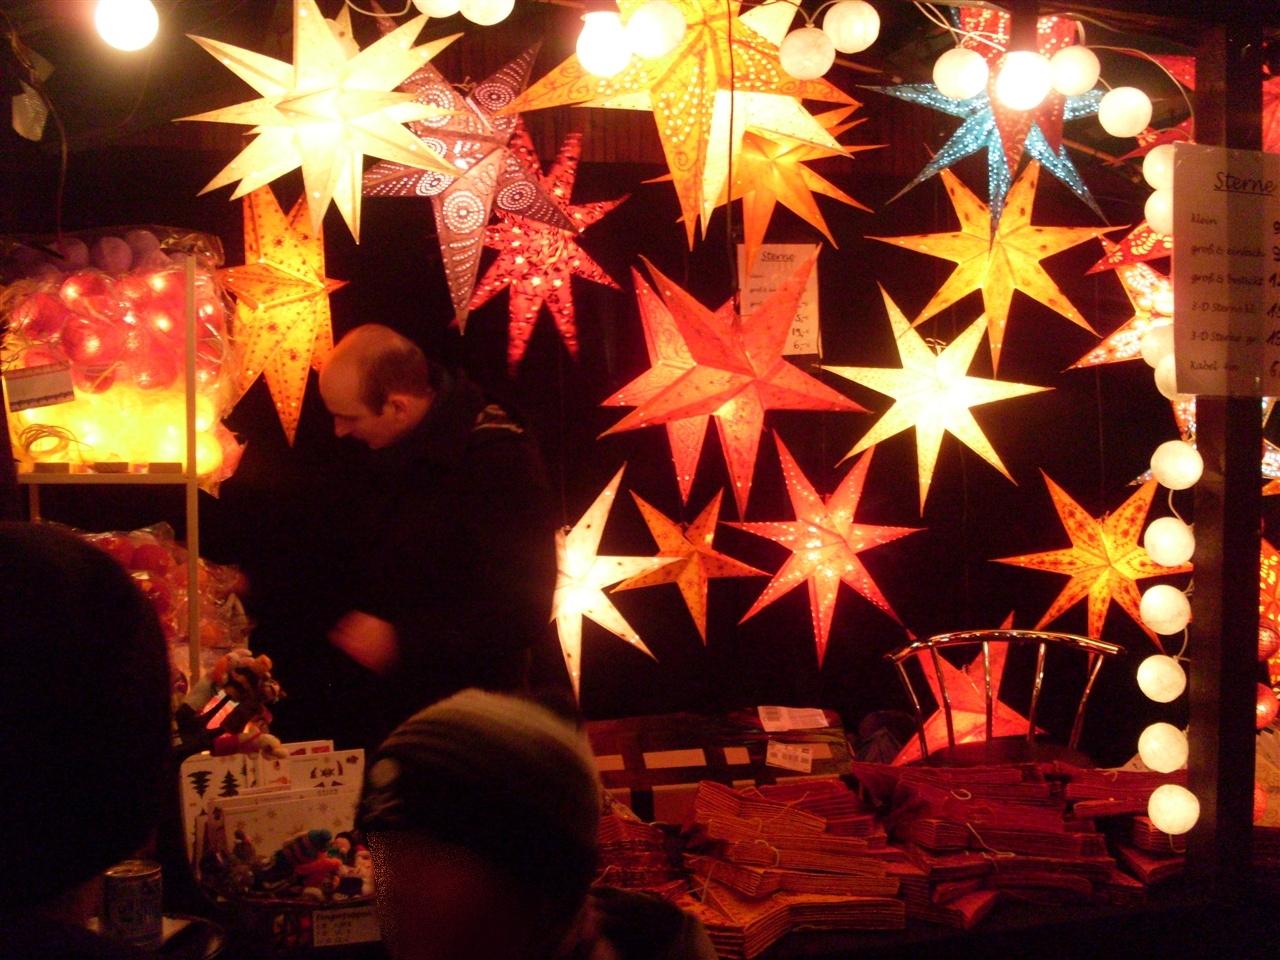 Bergisch Gladbach Weihnachtsmarkt.Weihnachtsmarkt Bergisch Gladbach Wandern Strecke 51465